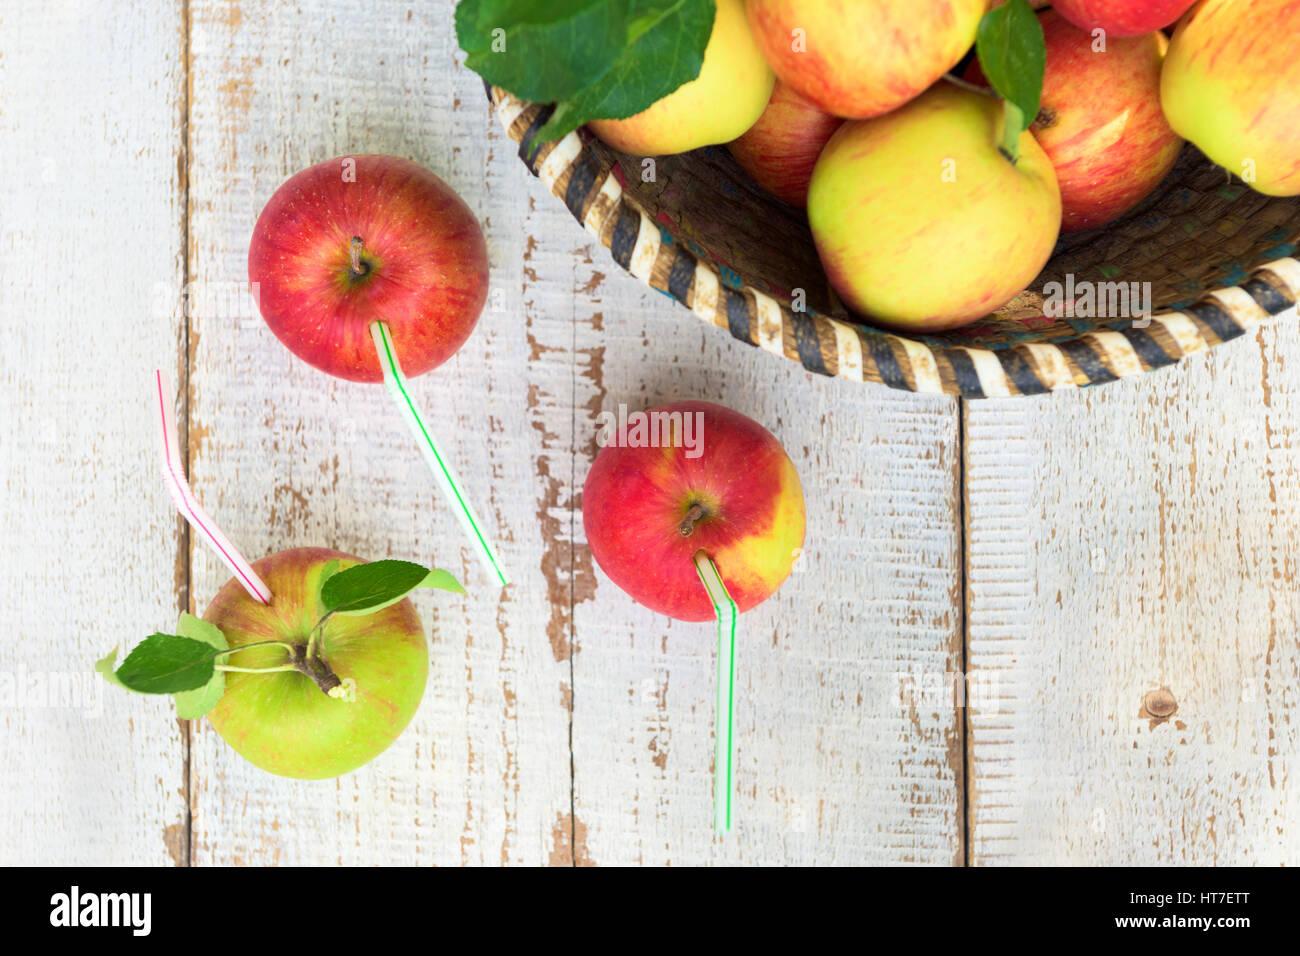 Mele biologiche nel cestello, su bianco vintage sfondo di legno, uno stile di vita sano concetto Immagini Stock